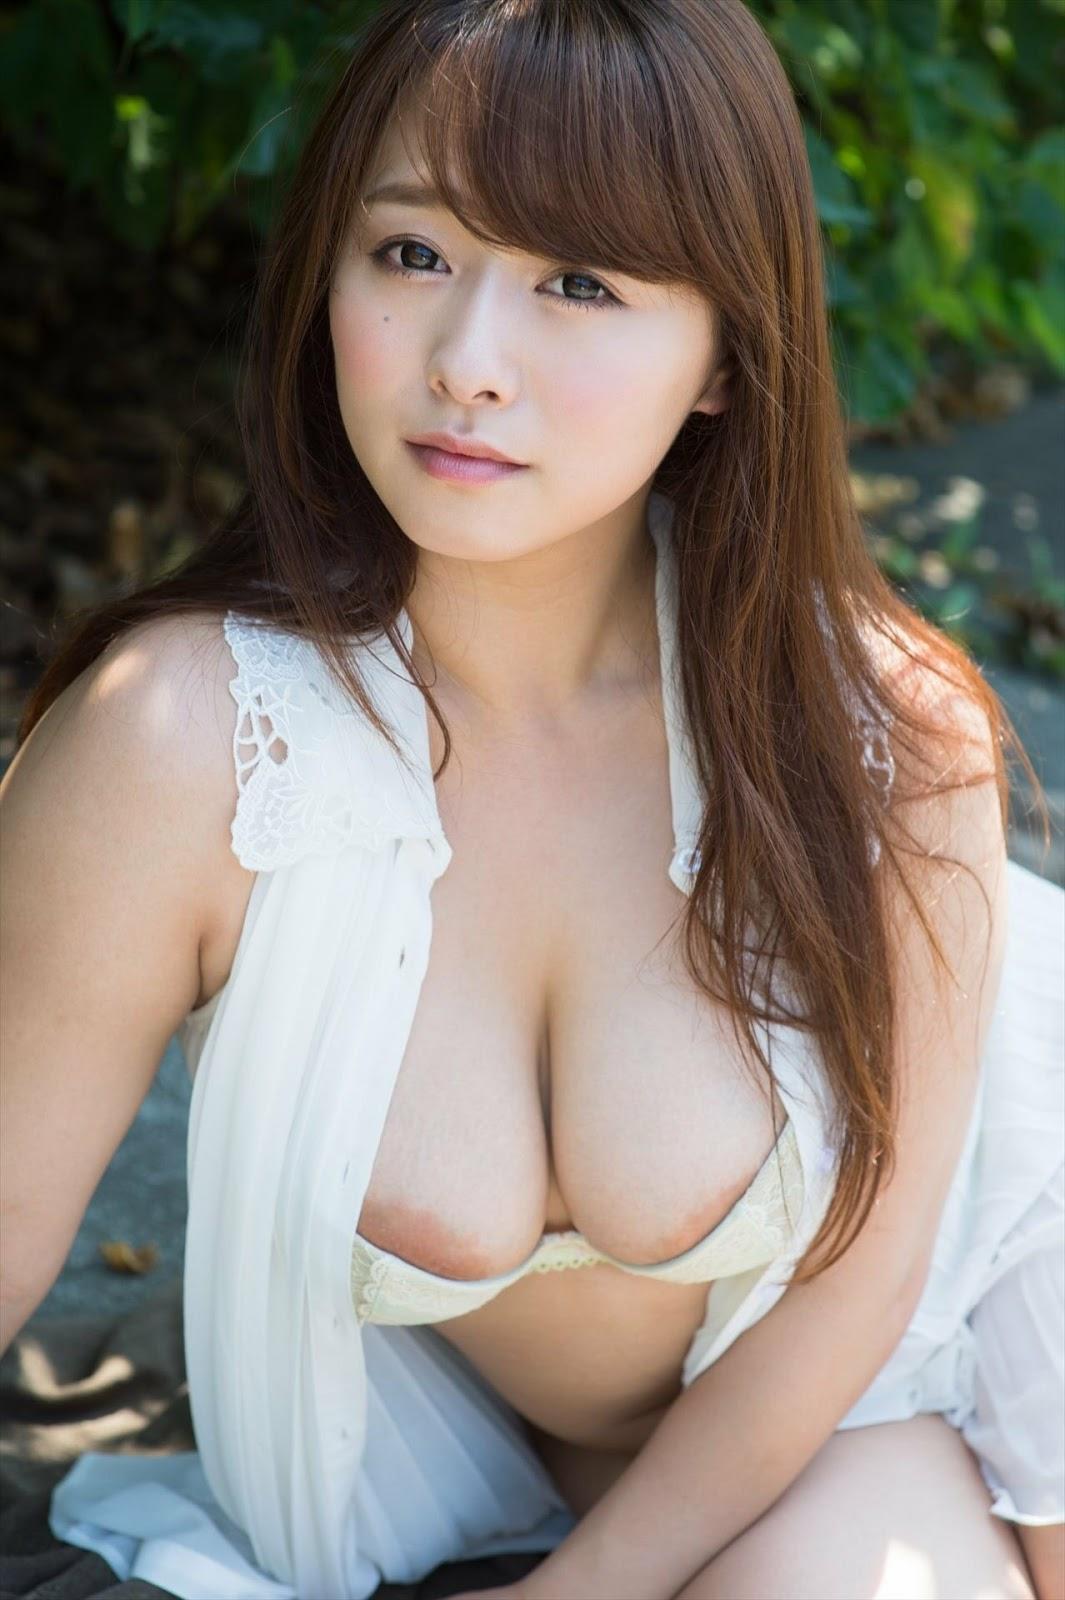 Marina Shiraishi 白石茉莉奈, Shukan Jitsuwa 2017.10.19 (週刊実話 2017年10月19日号)